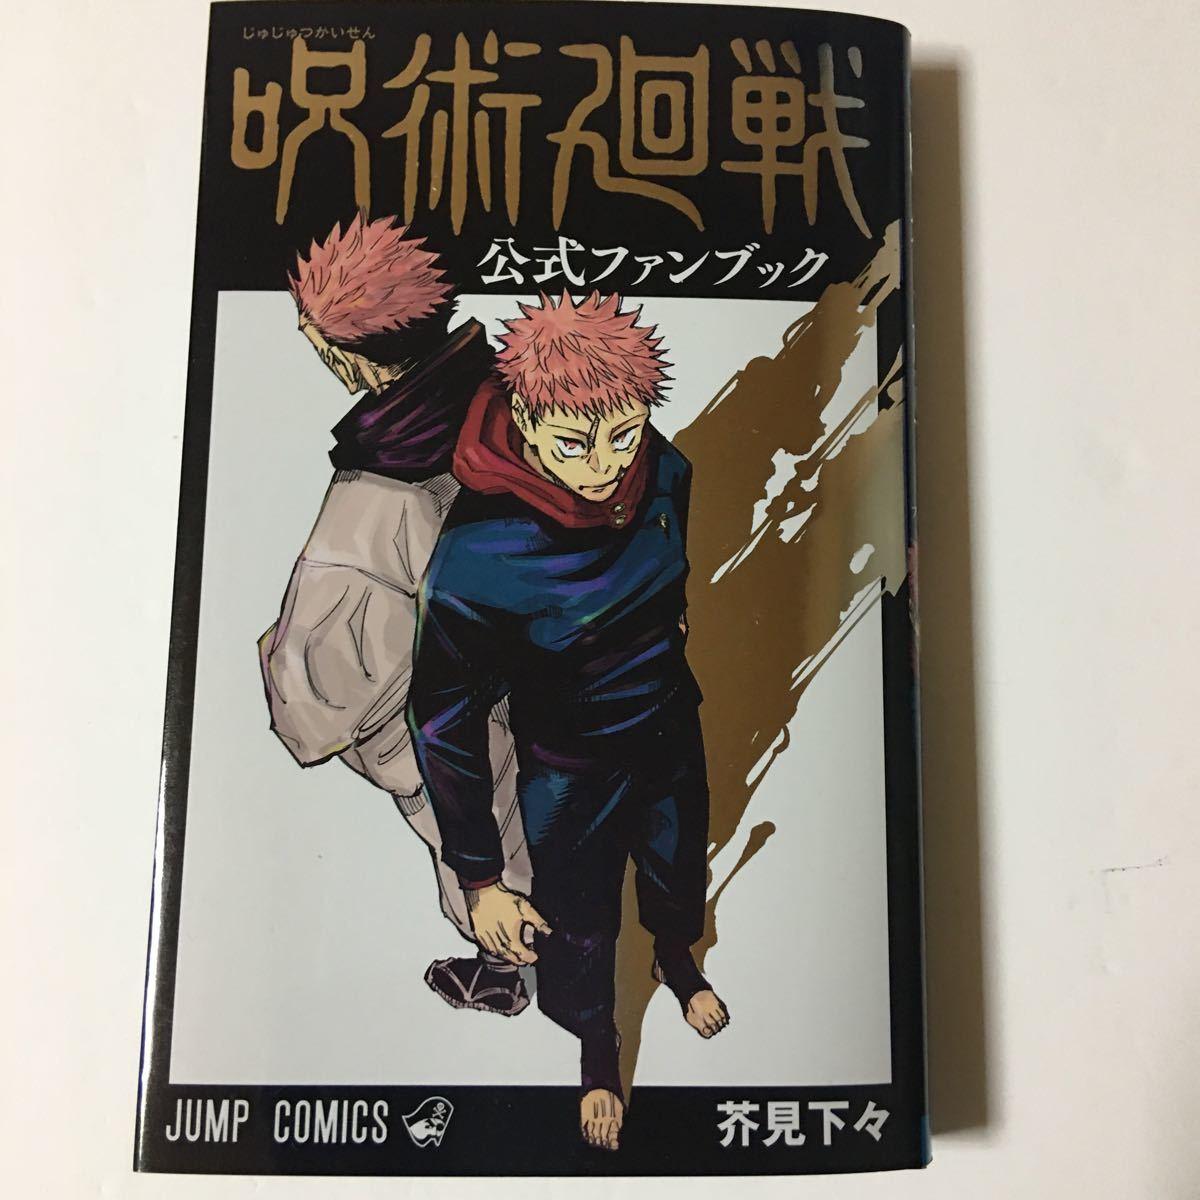 【未使用】呪術廻戦 公式ファンブック ジャンプコミックス 漫画 コミック 未使用品_画像1